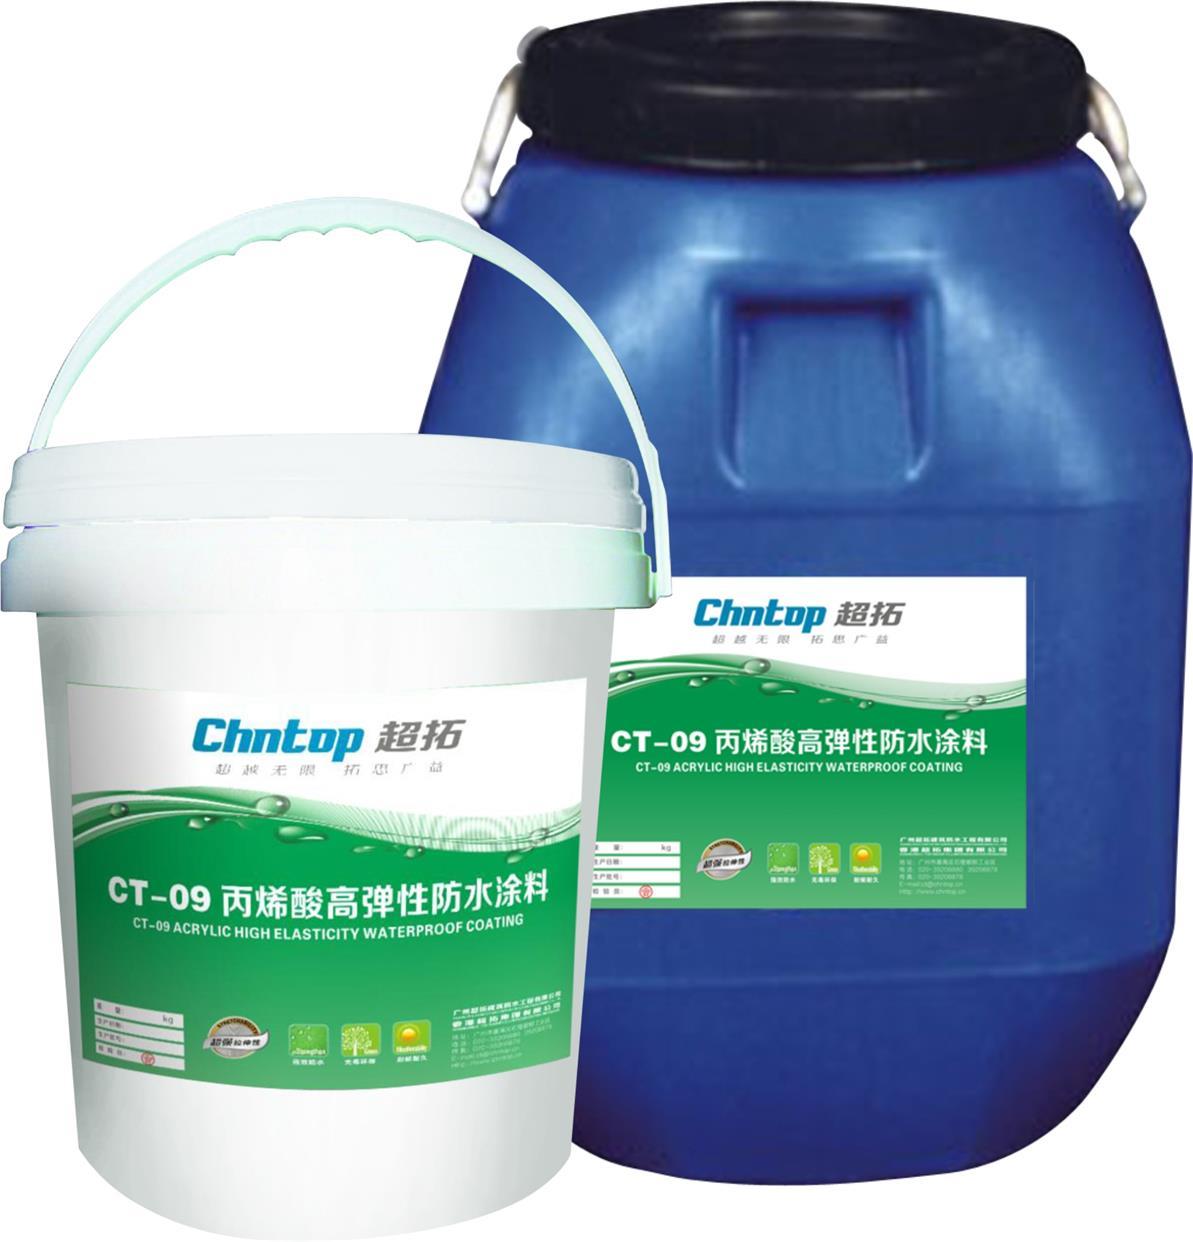 点击查看供应丙烯酸高弹性防水涂料详细说明